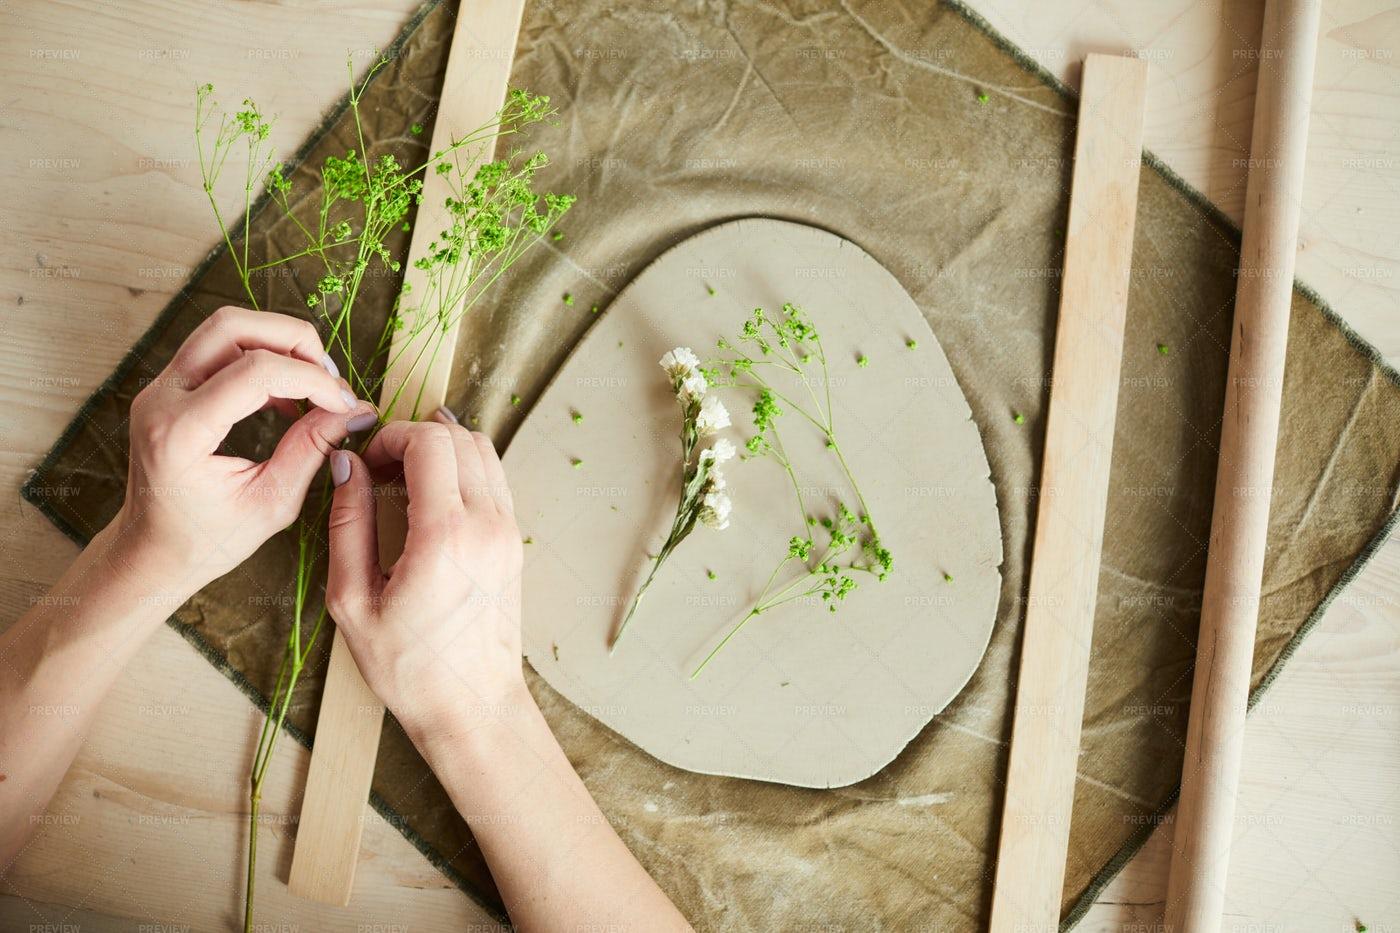 Creating Floral Ceramics: Stock Photos